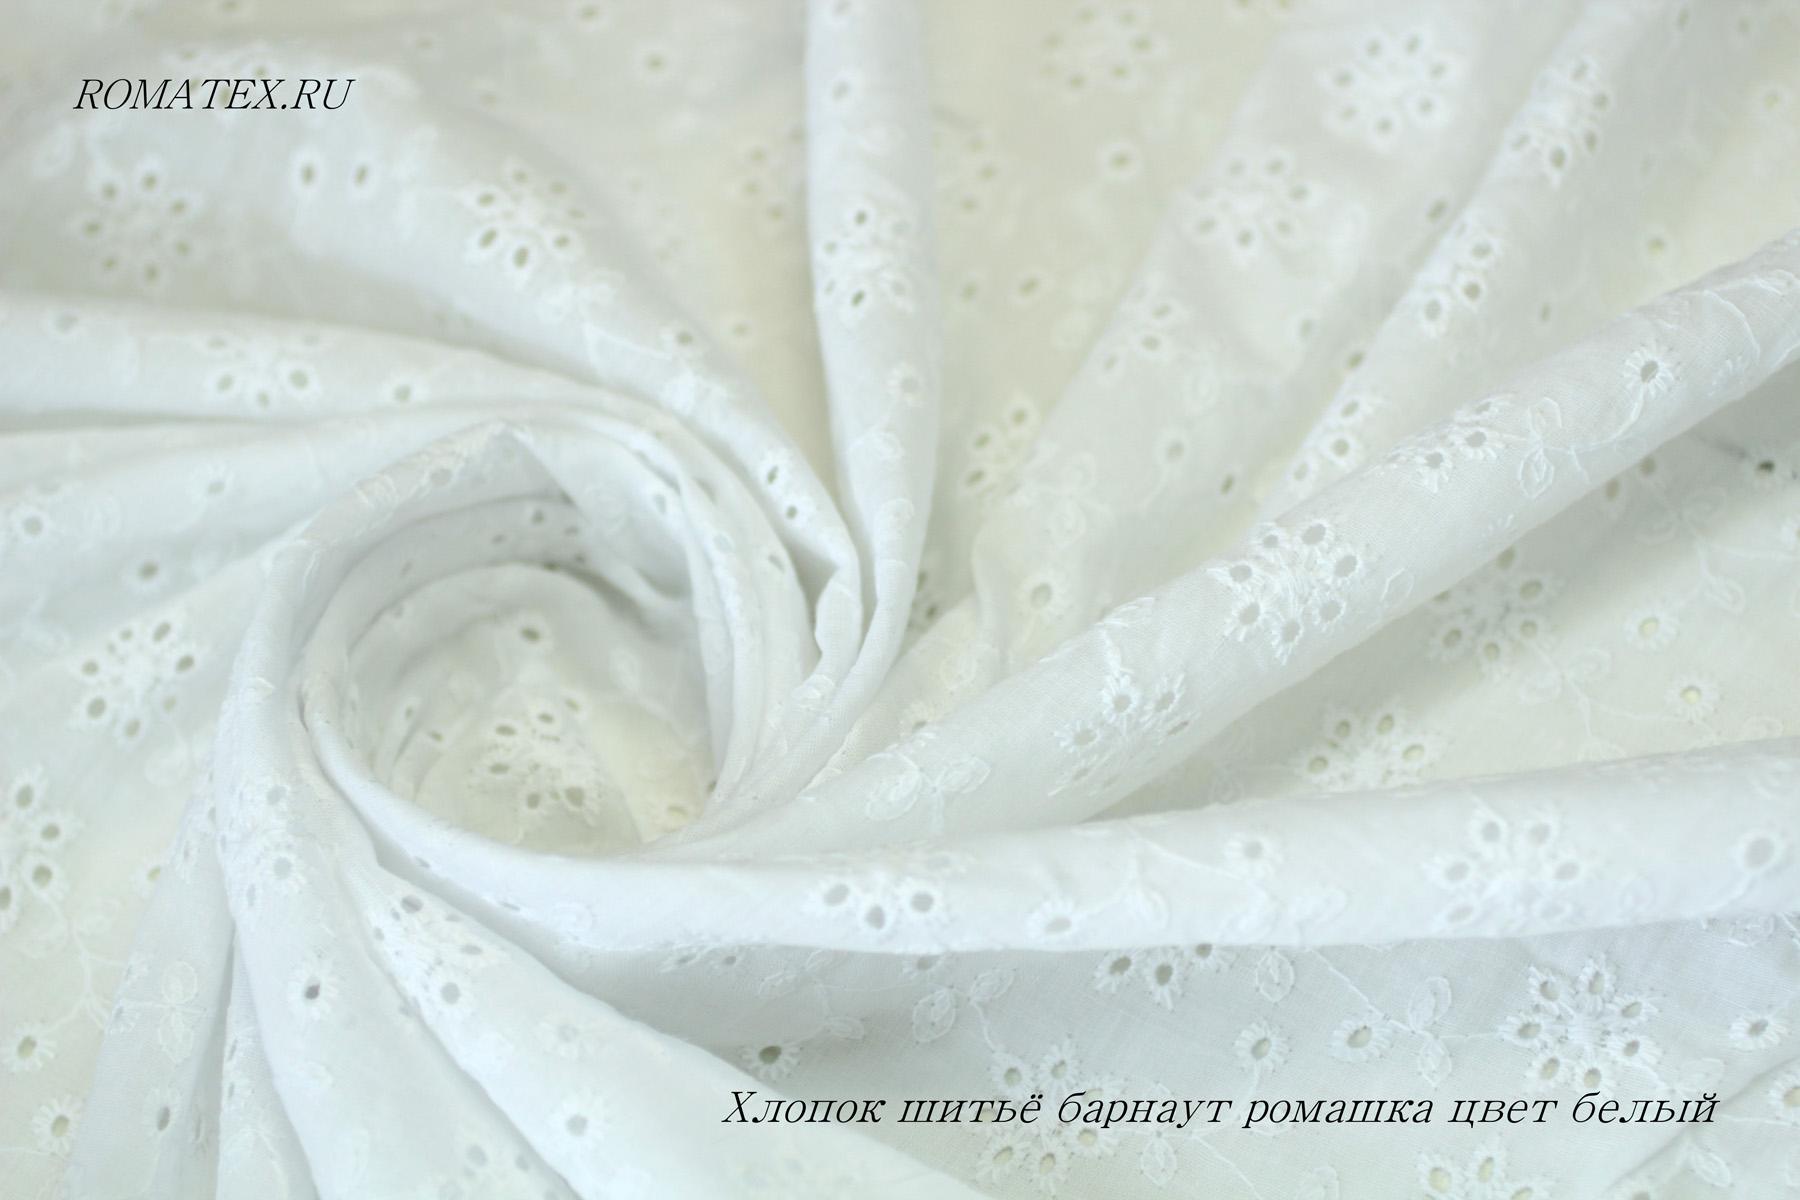 Хлопок шитьё барнаут ромашка цвет белый